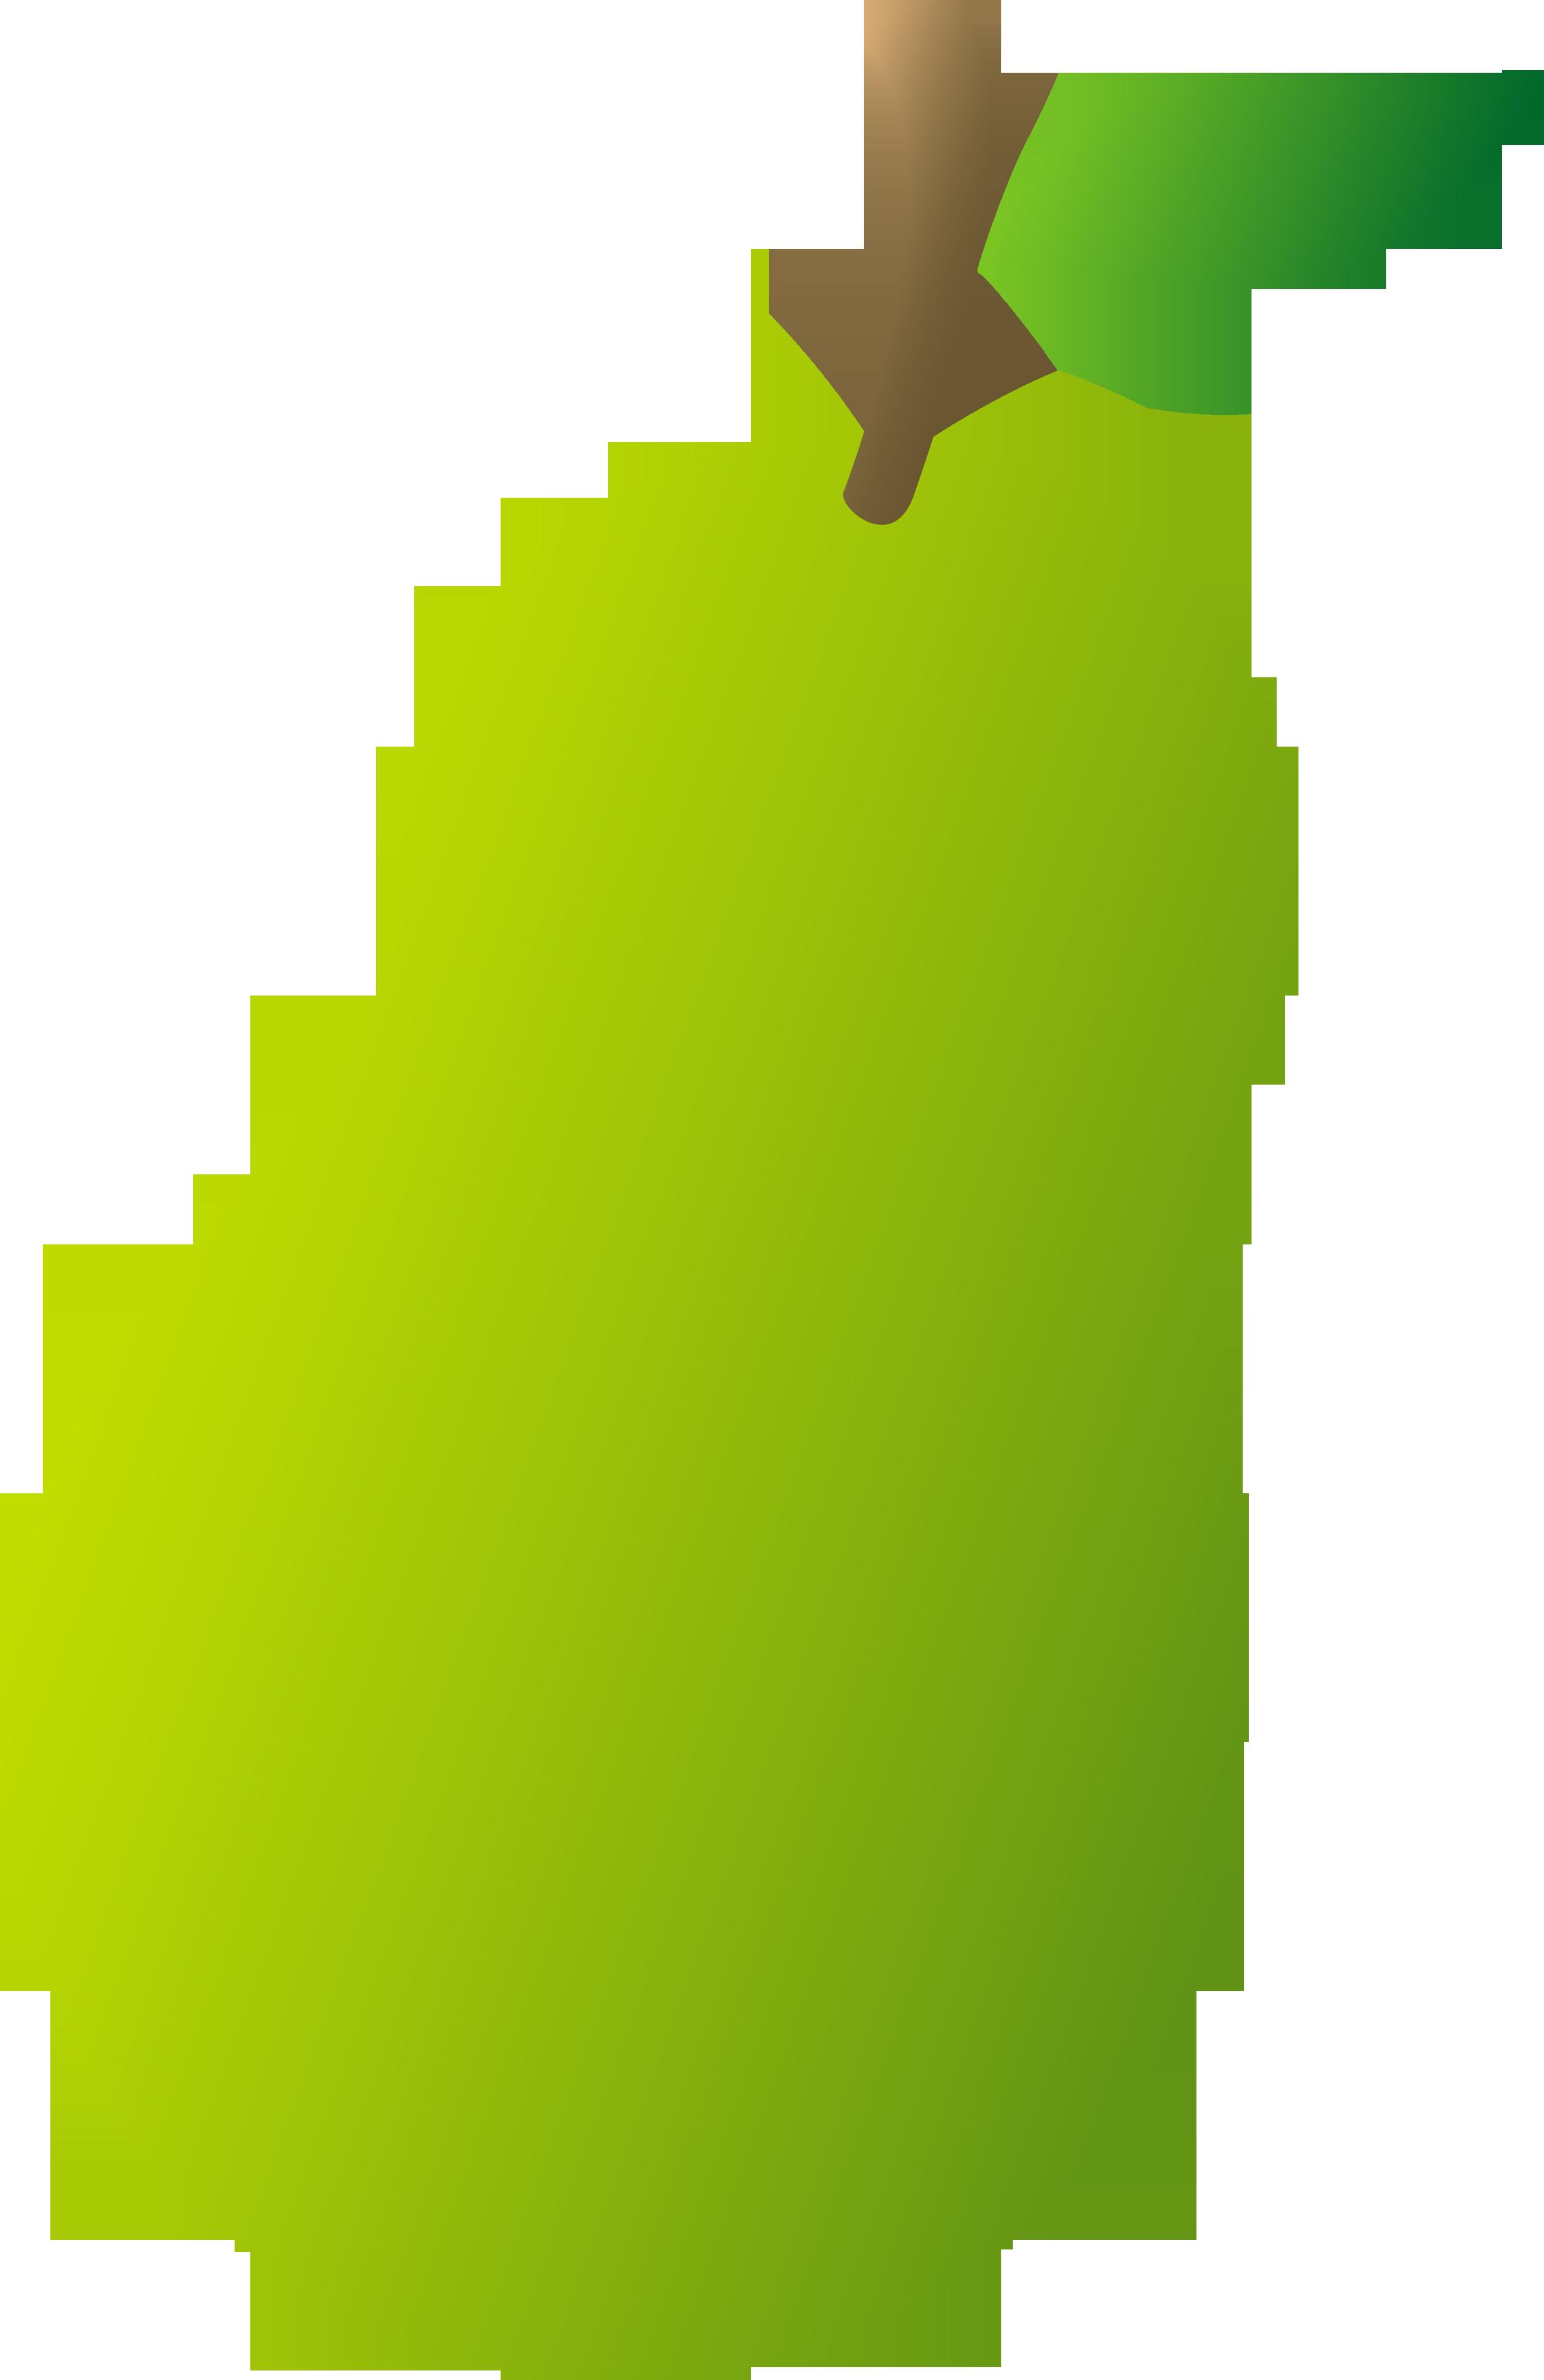 Pear clipart animated. Cartoon